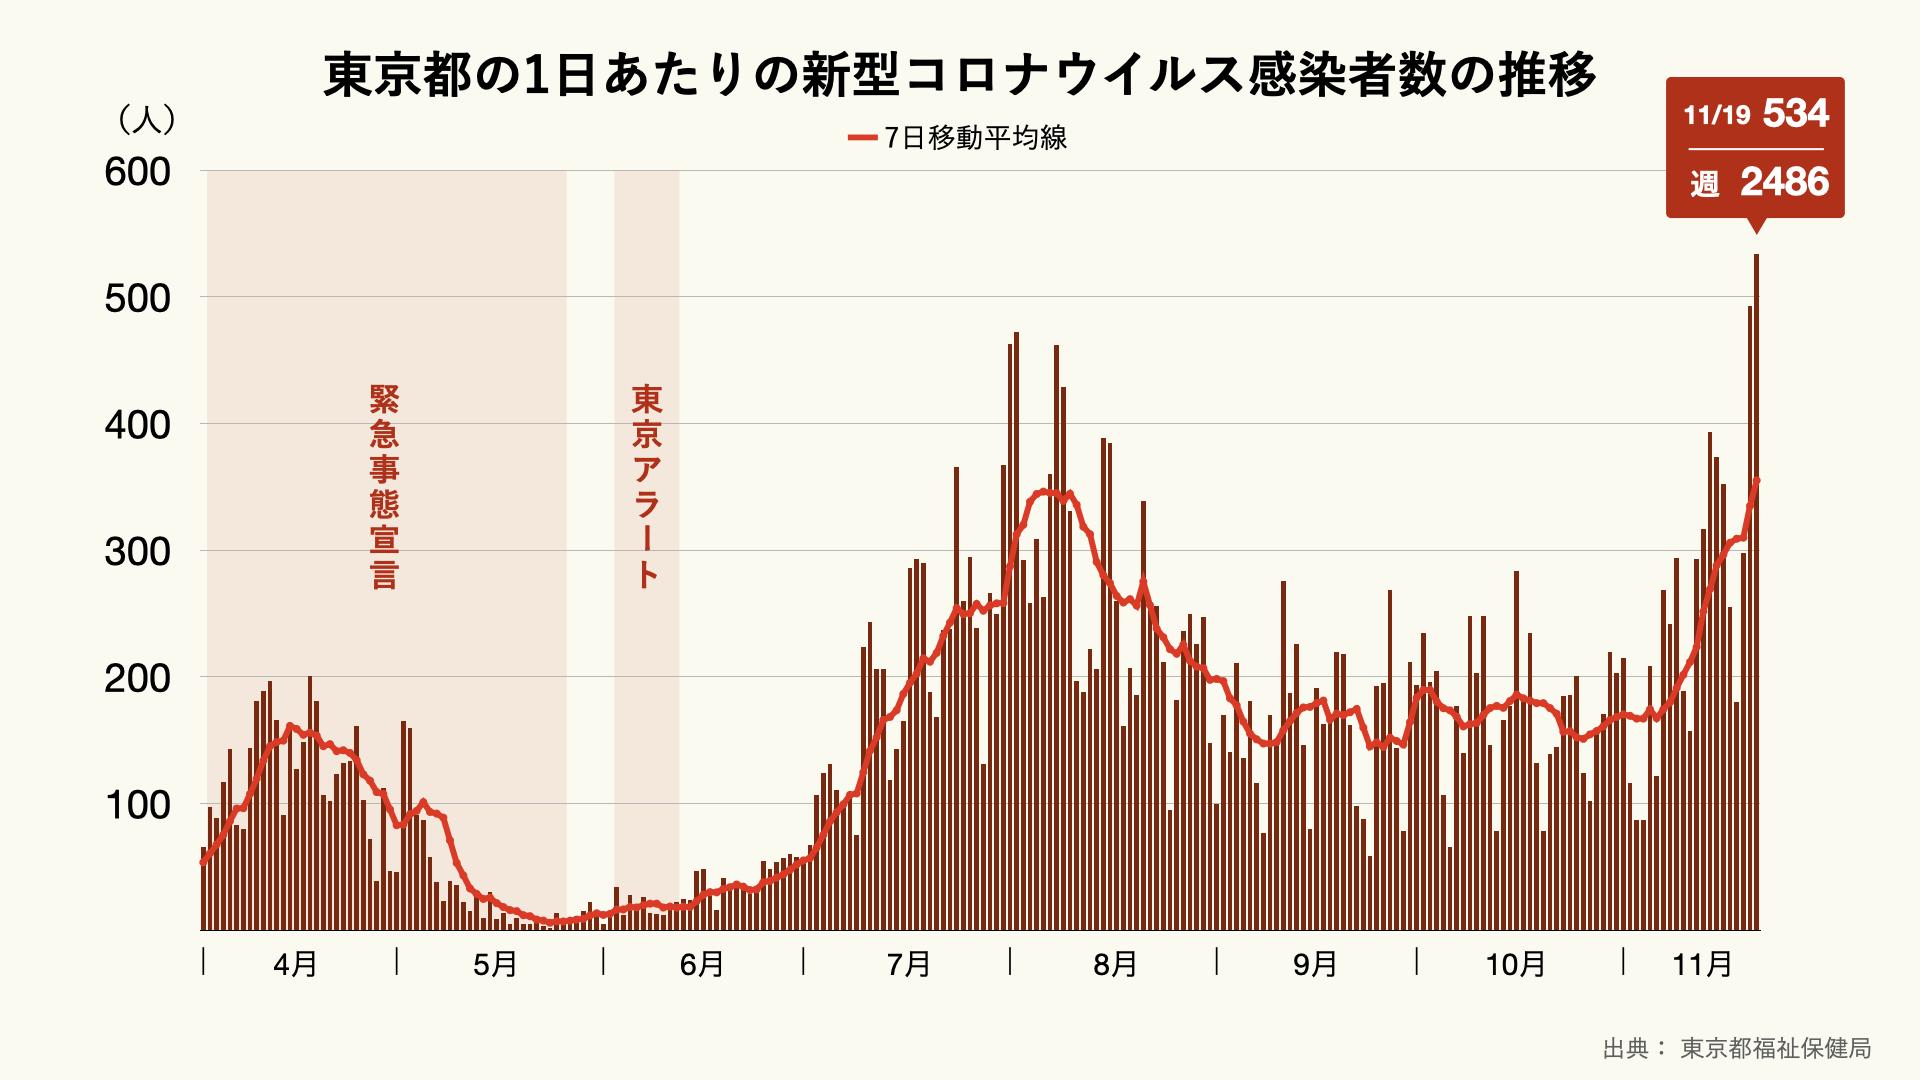 東京都の1日あたりの新型コロナウイルス感染者数の推移